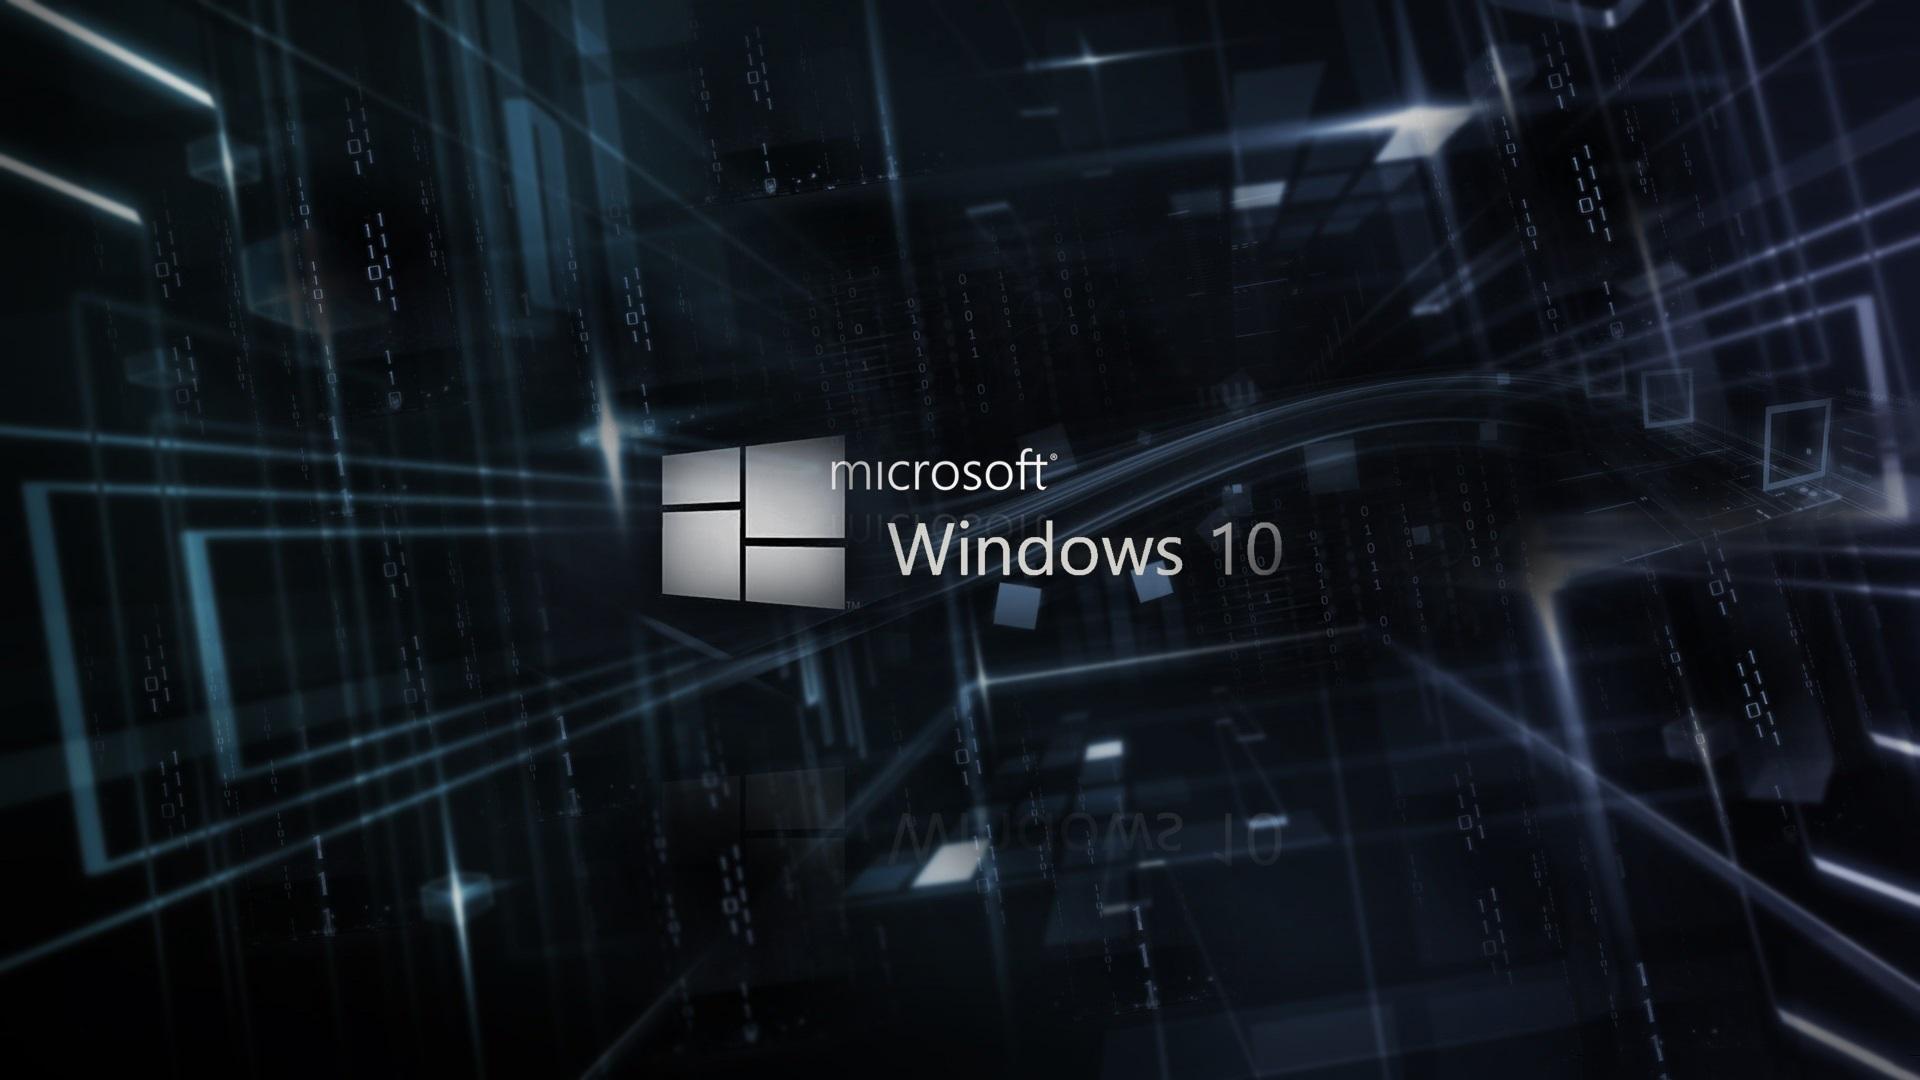 fond d'ecran 3d pour windows 10